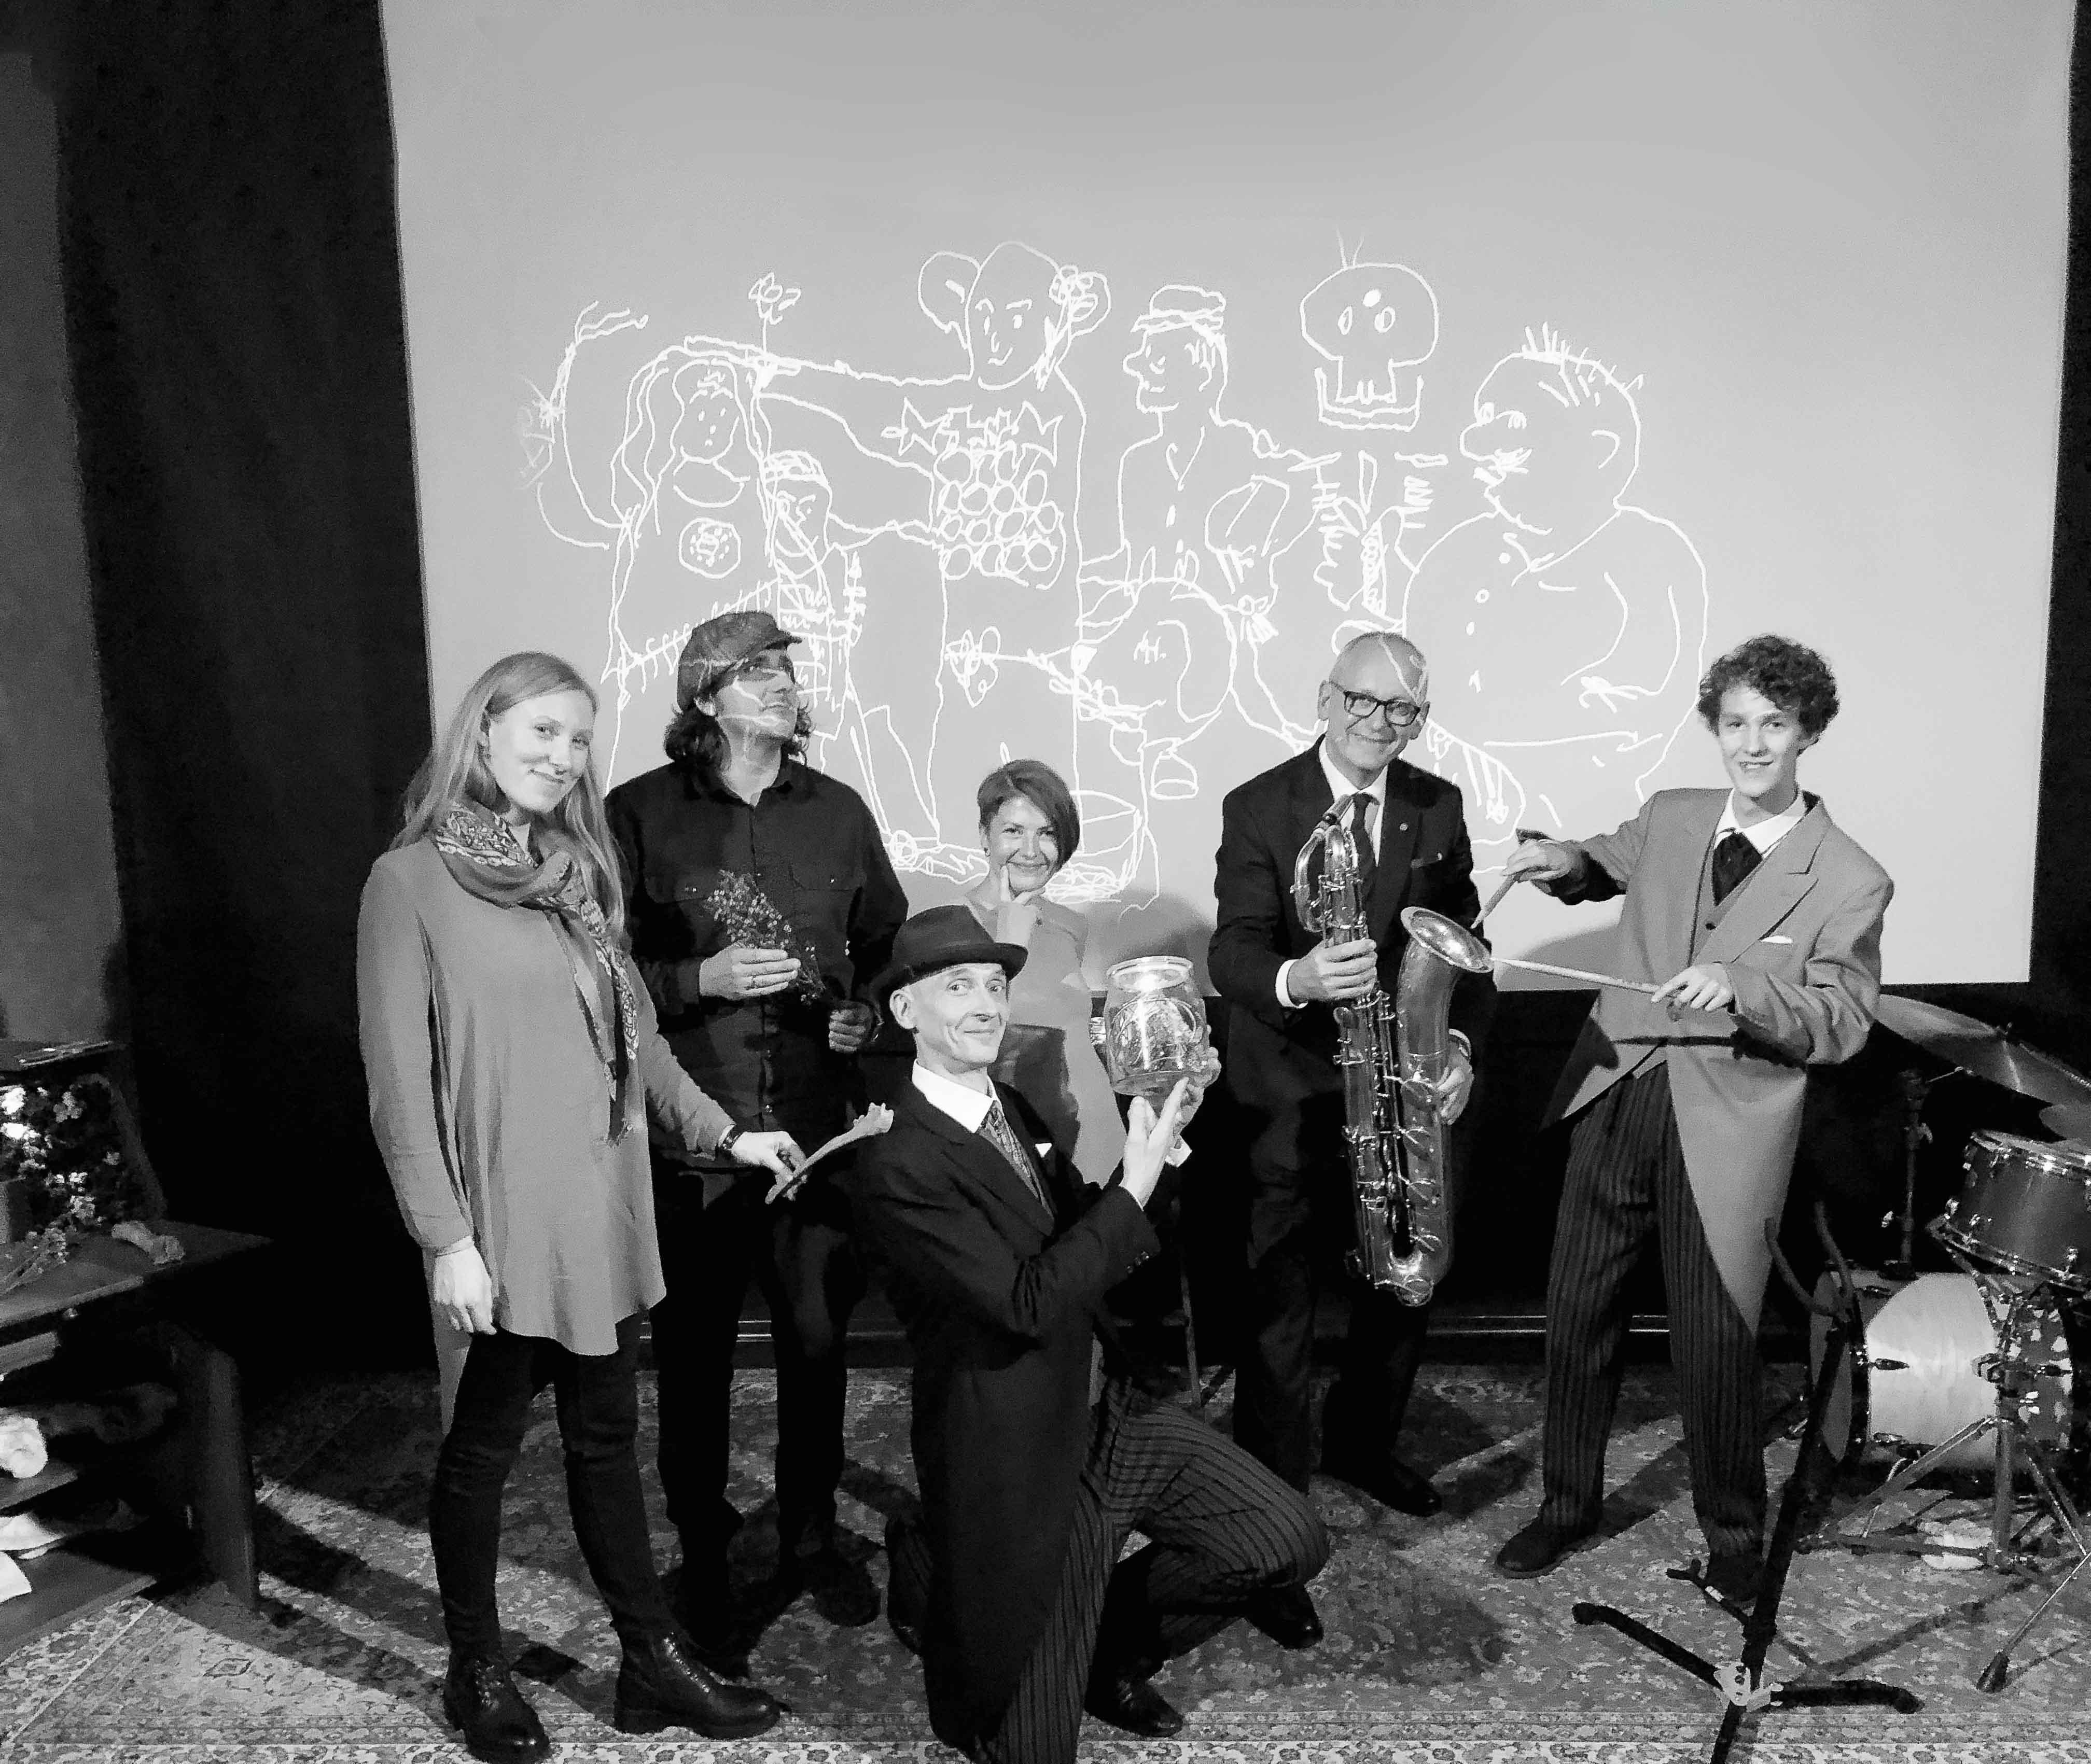 """2018. gadā Anatomijas muzejs kopā ar Vari Klausītāju un """"Zīmējumu teātri"""" izveidoja teātra izrādi, kurā apspēlētas leģendas, kas apvijušas muzeja eksponātu — Lukstiņa skeletu. Anatomijas muzeja kuratores — I. Lībiete un I. Sirmā, """"Zīmējumu teātra"""" komanda un RSU rektors prof. A. Pētersons"""